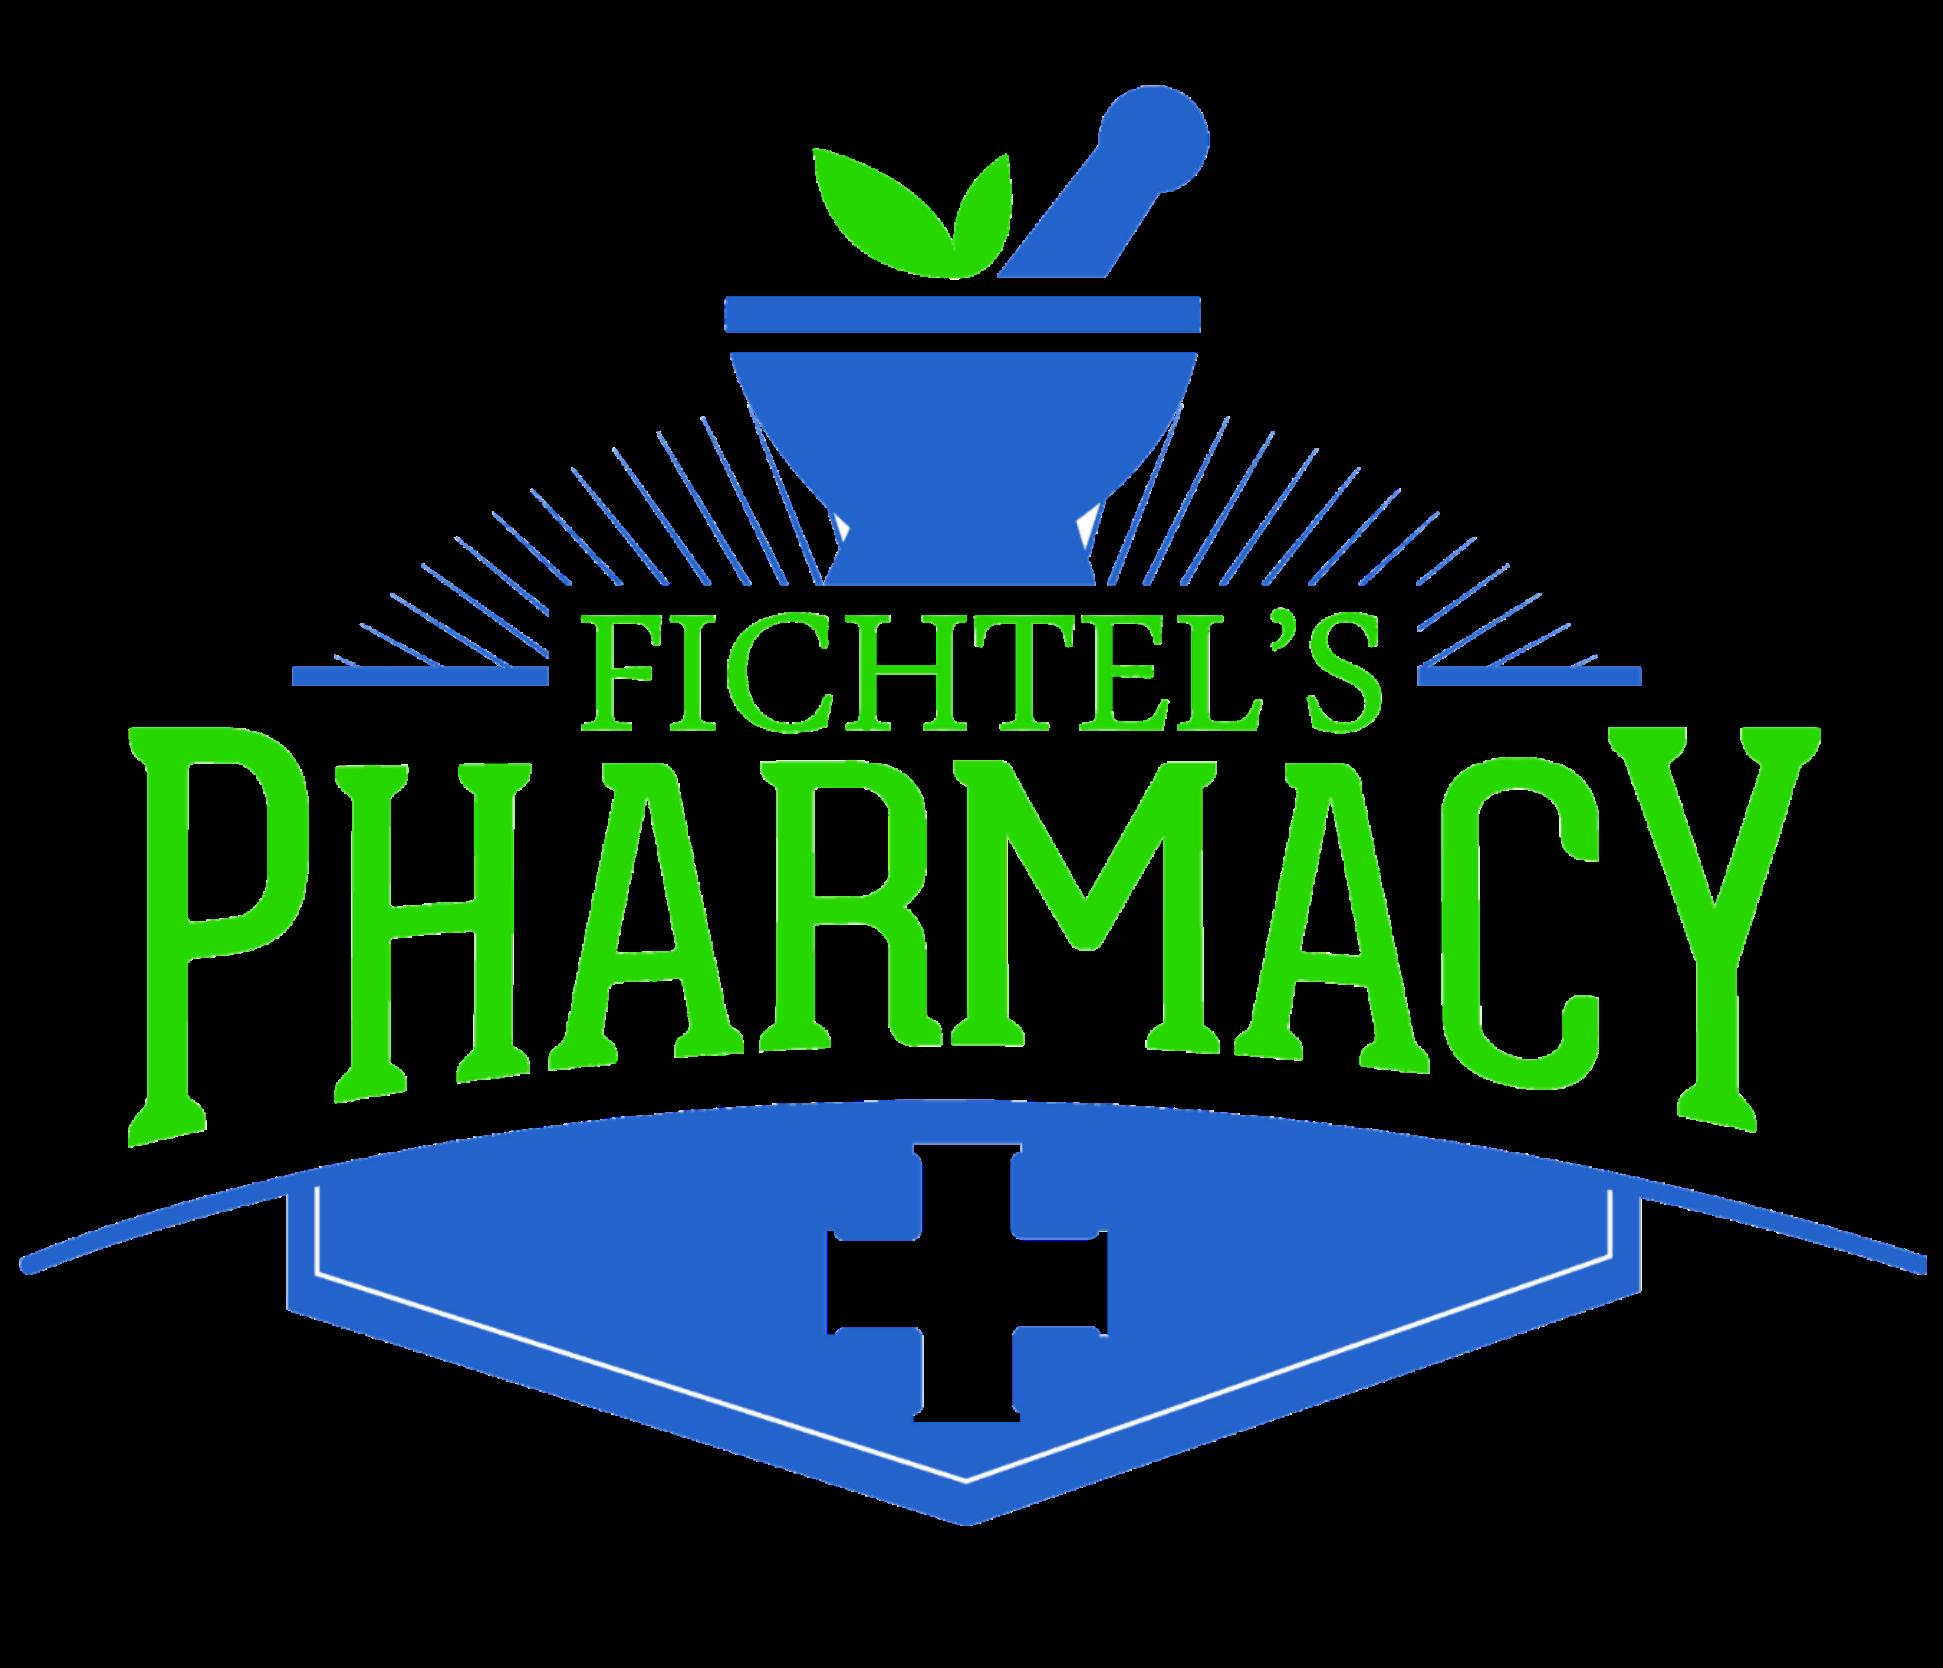 Fichtel's Pharmacy